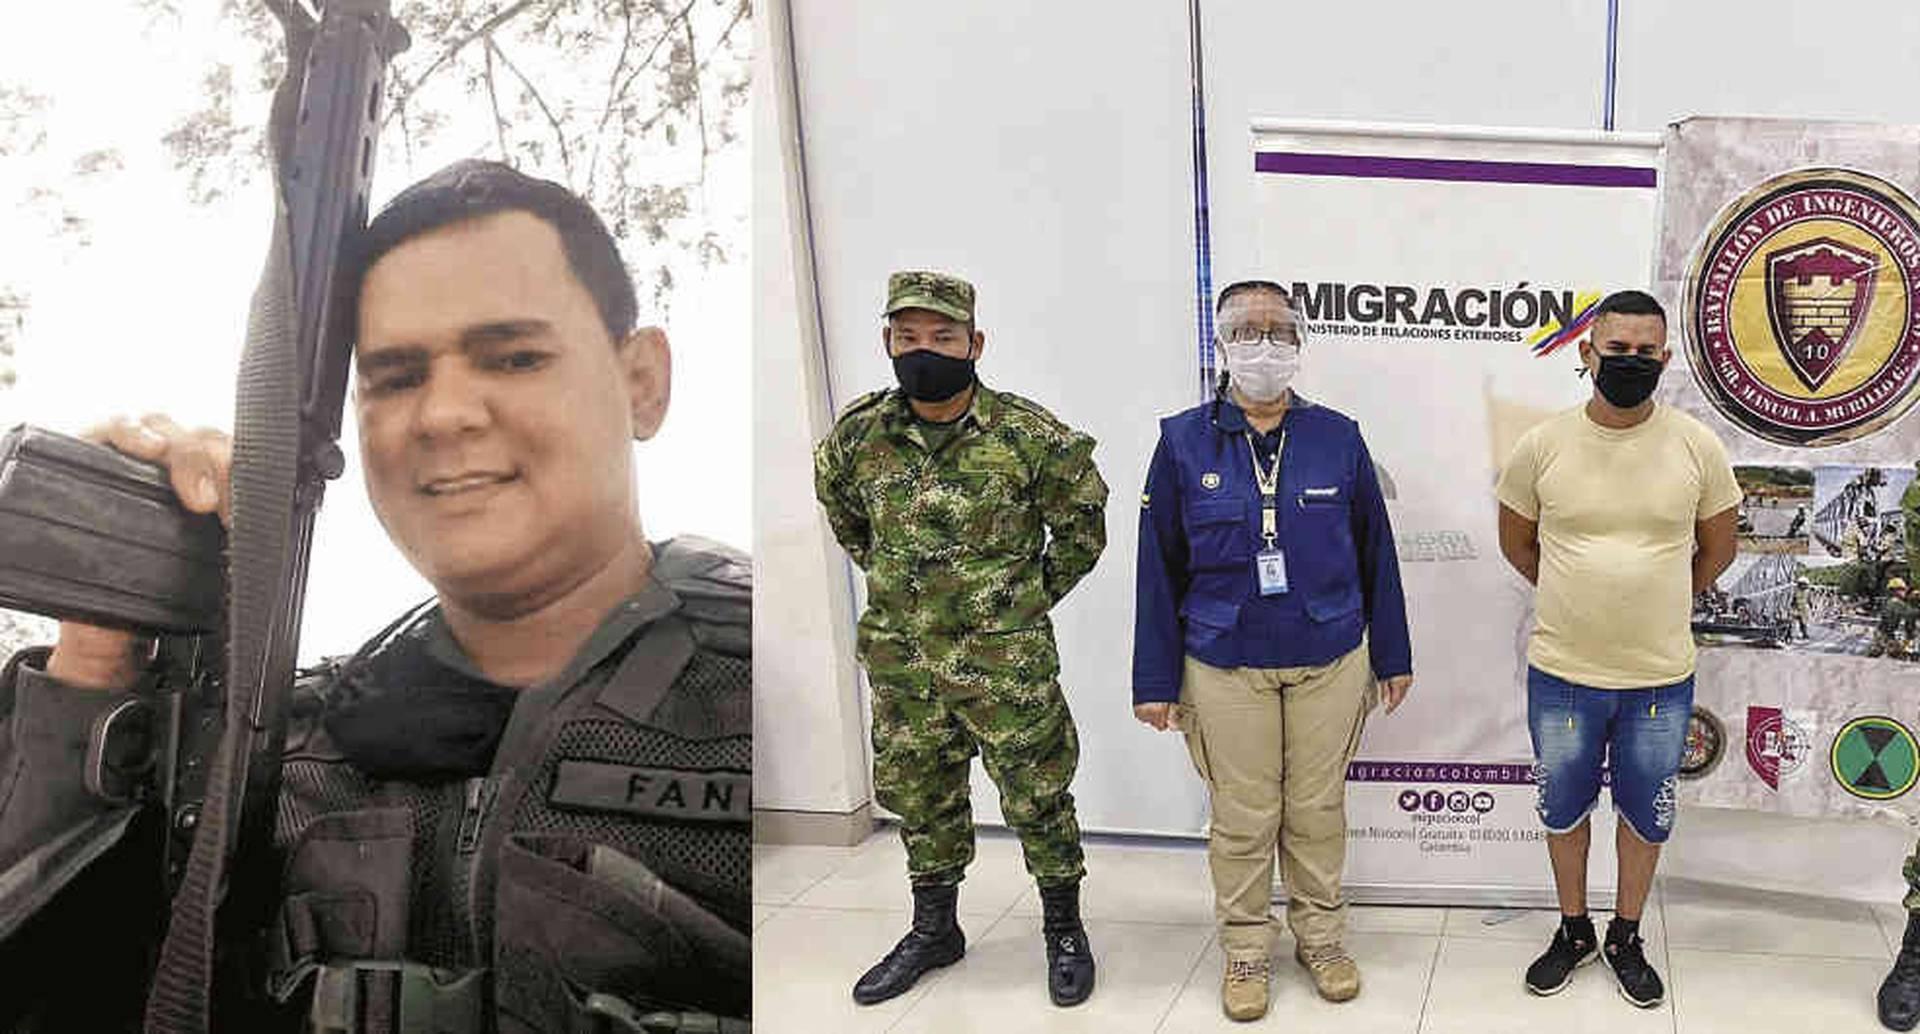 Este es el sargento Gerardo Rojas de la Fuerza Armada venezolana, capturado por la contrainteligencia del Ejército. Lo señala de adelantar actividades de espionaje cerca de una unidad militar en Valledupar.